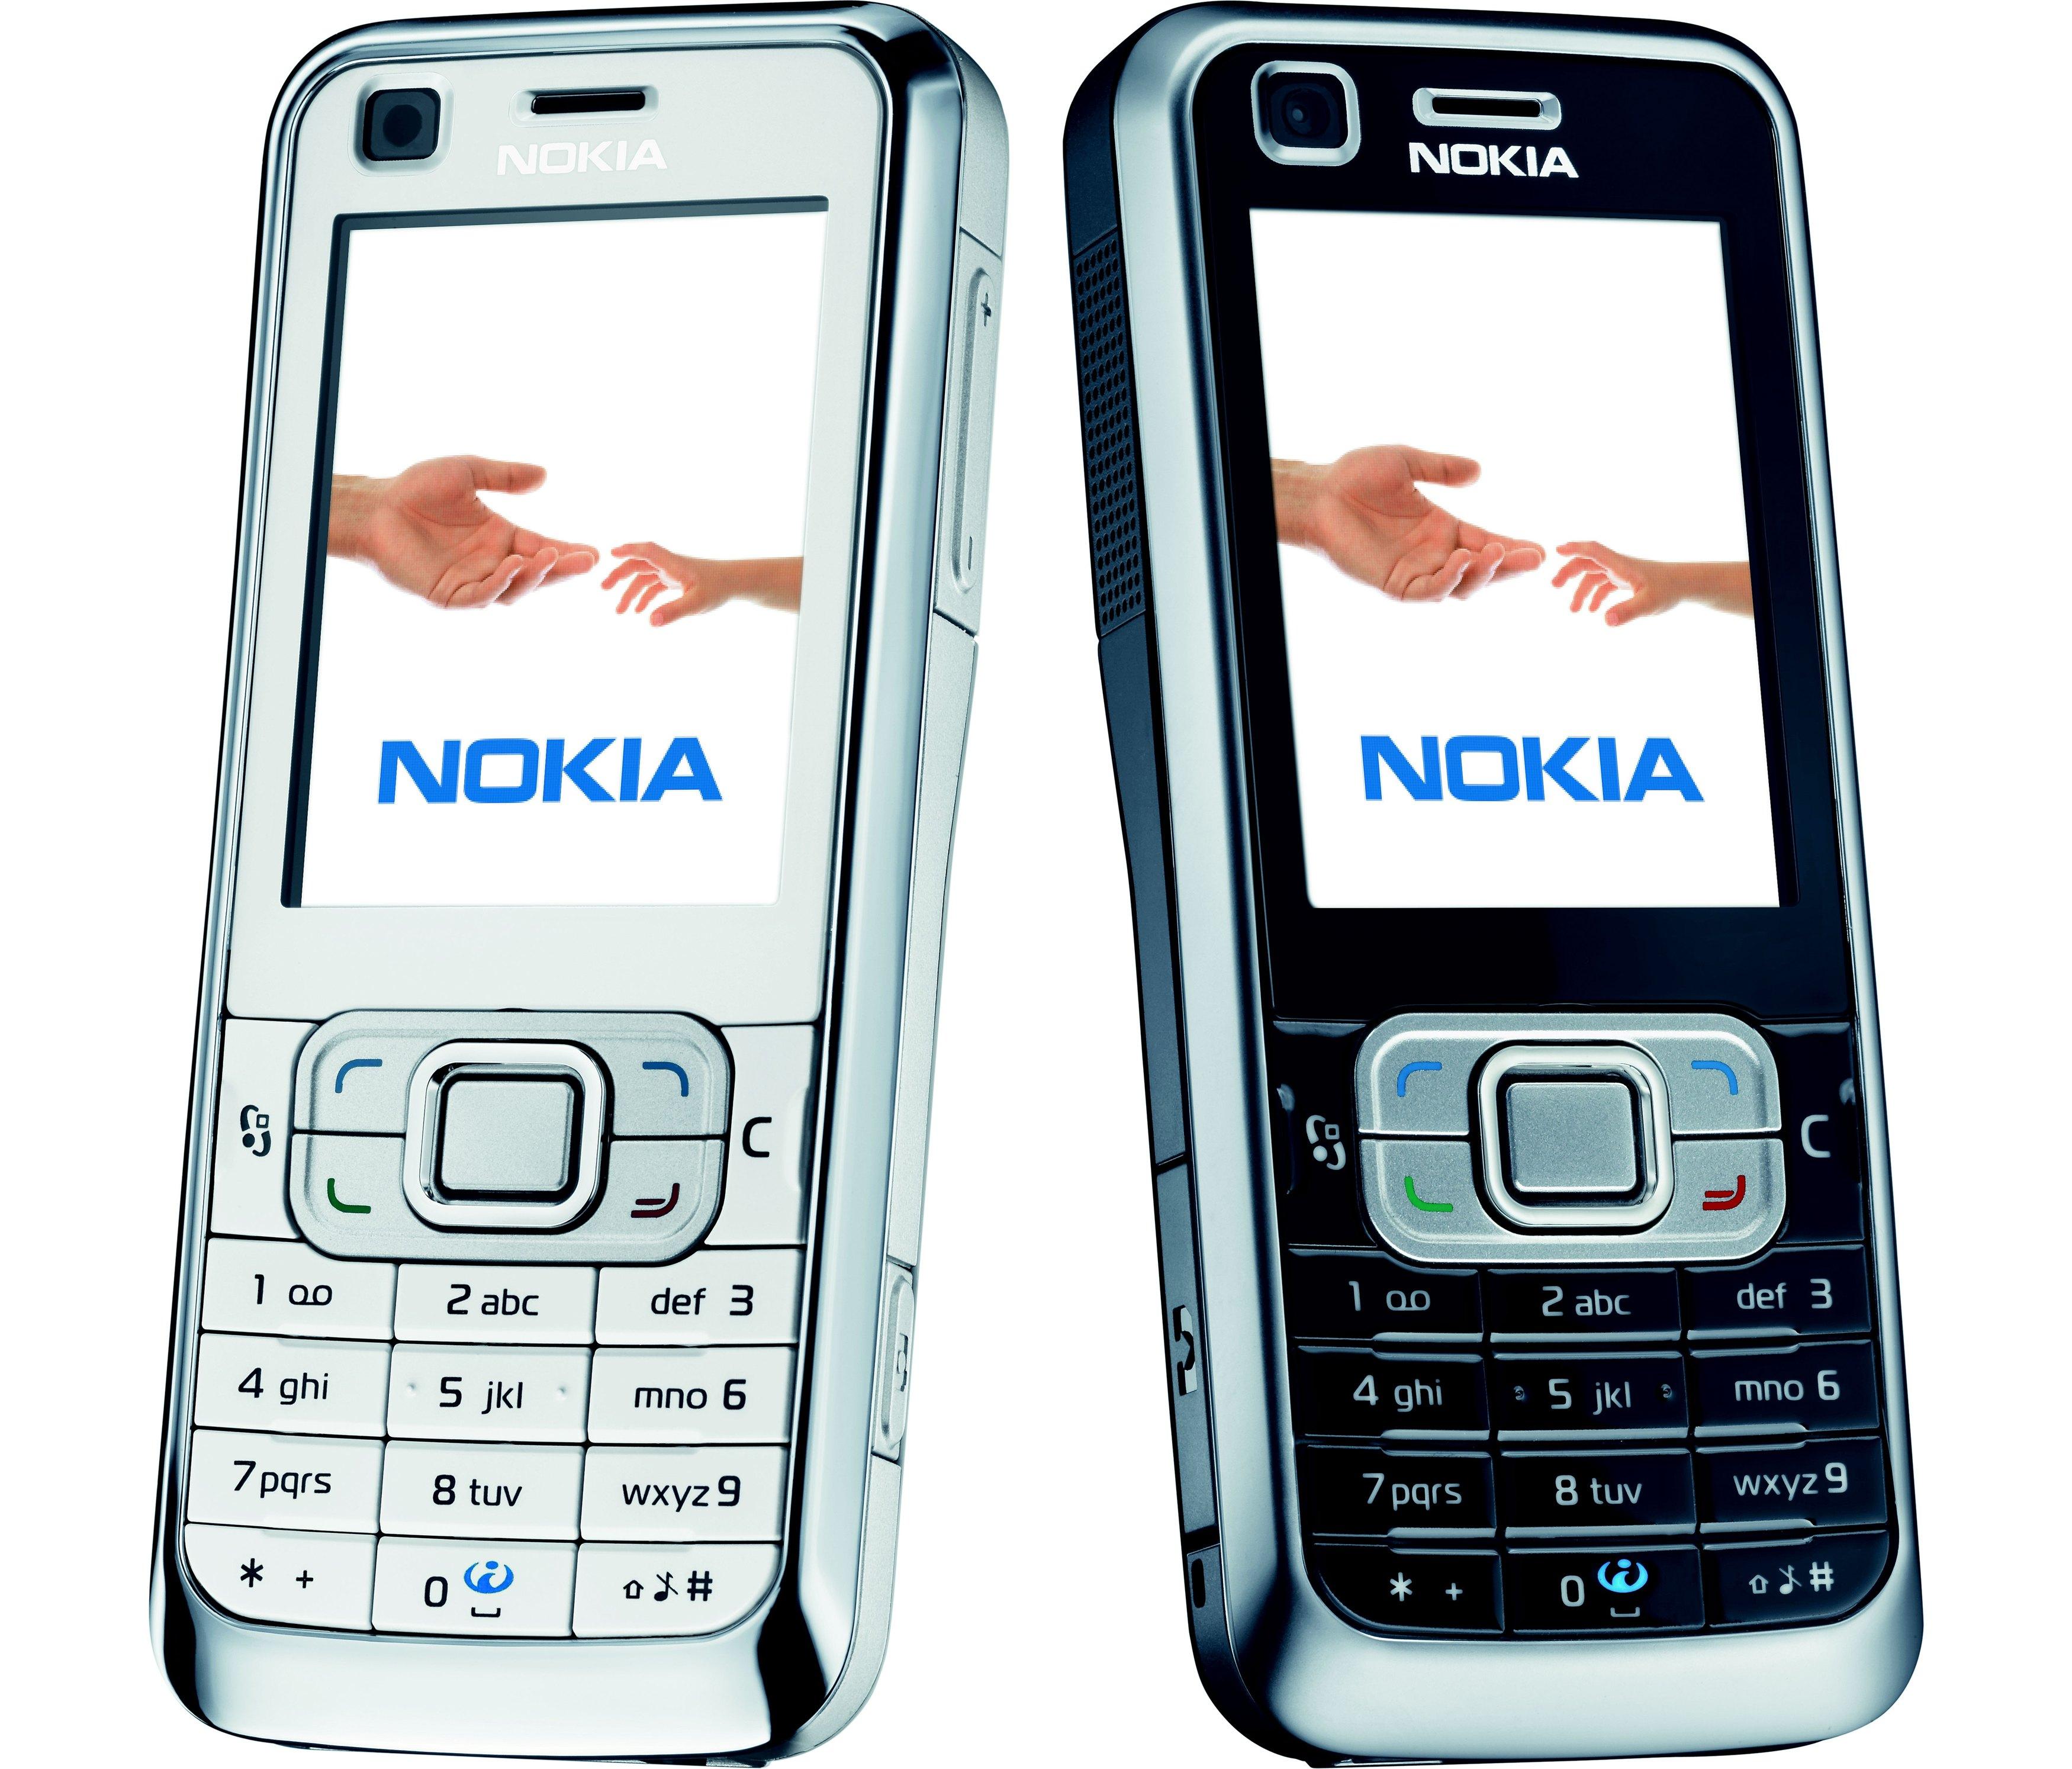 ea6ac4627d77c Продам   Купить б/у Nokia 6120 Classic в Красноярске • Цена:2000 руб.